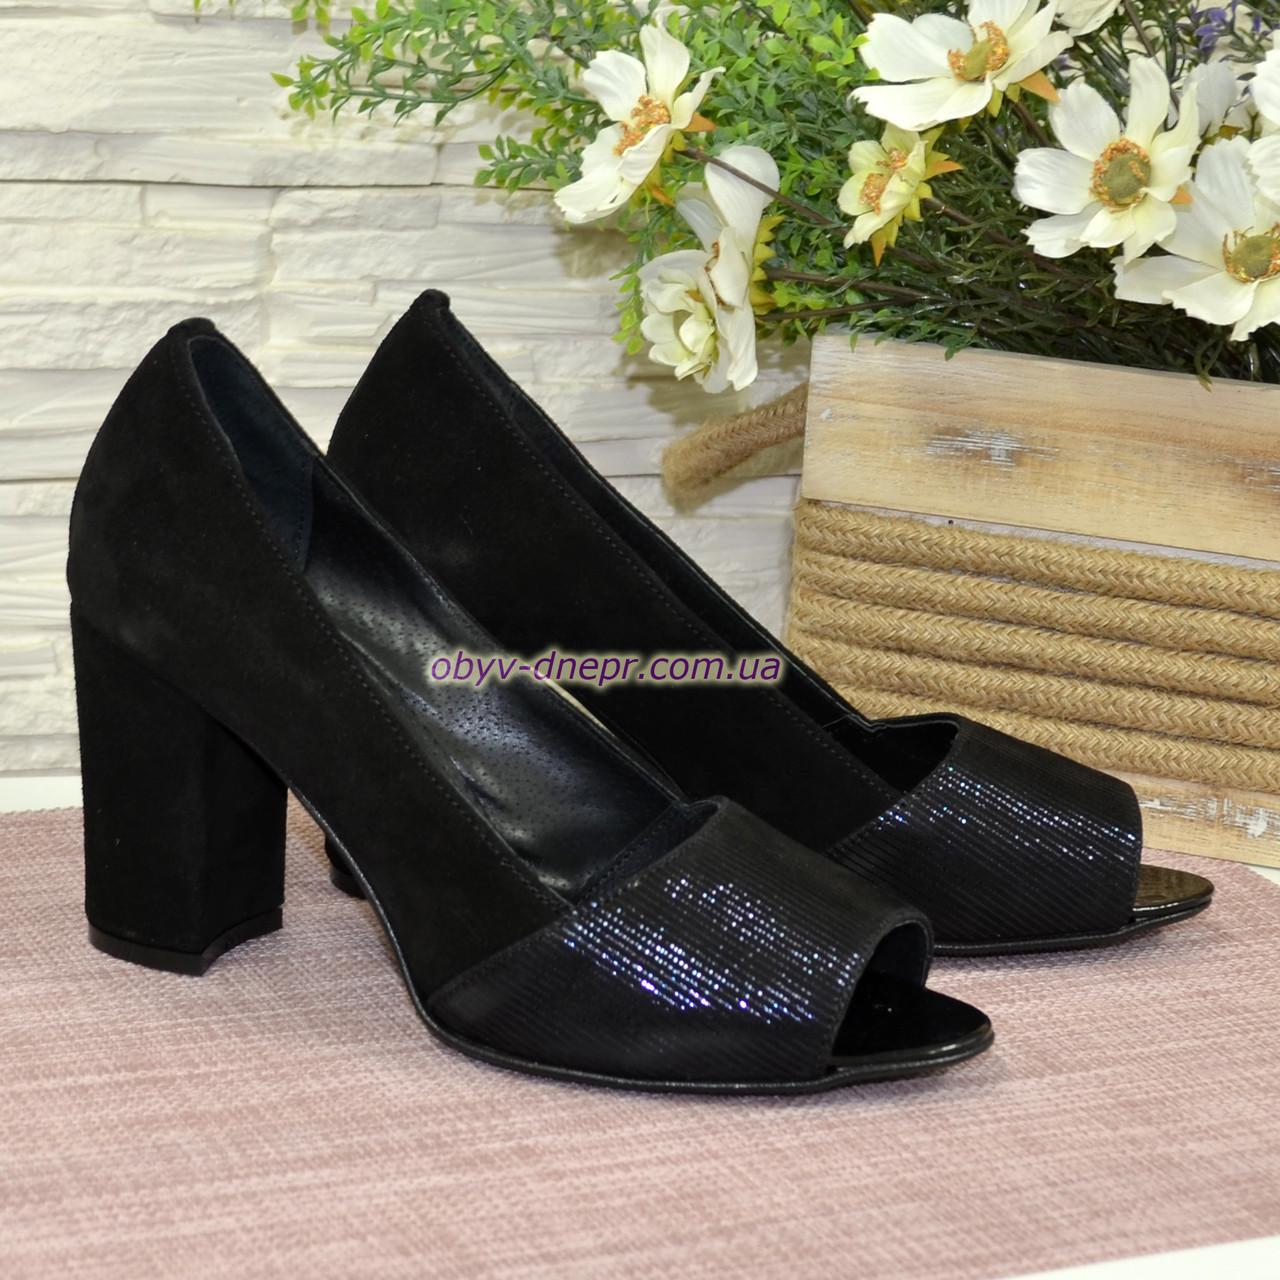 Туфли замшевые с открытым носком, на высоком устойчивом каблуке